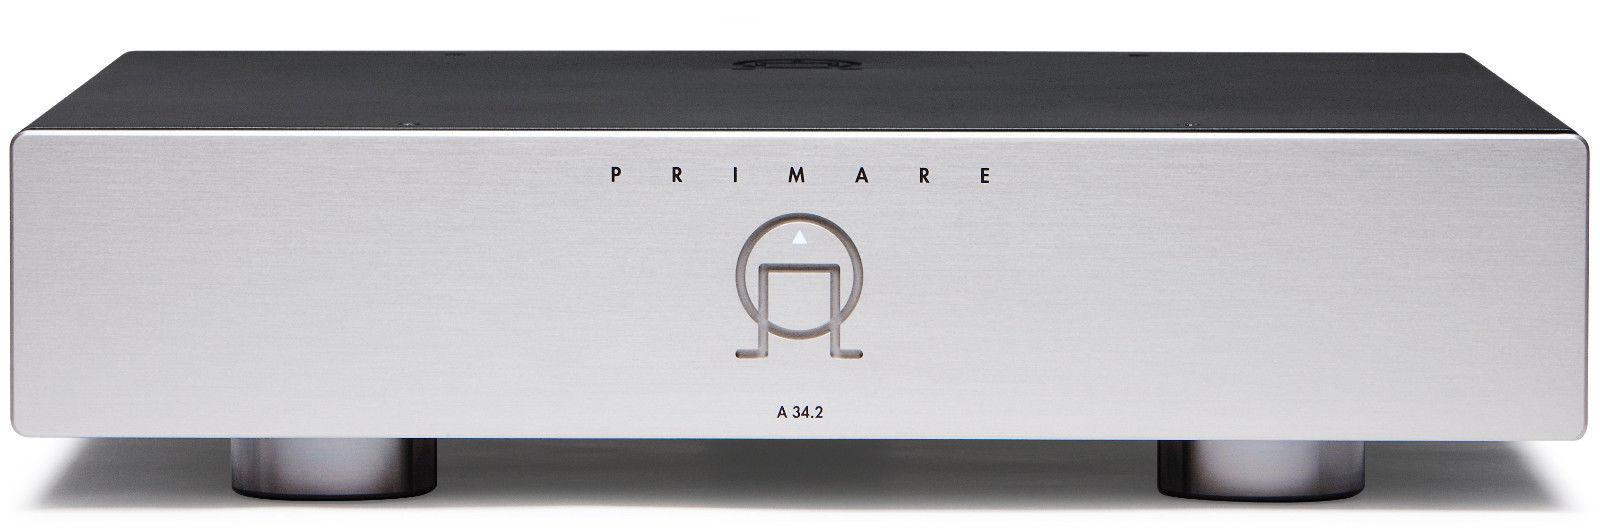 Titanium Primare A 34.2 Audiophile 2-Channel Amplifier Excellent Condition $2500